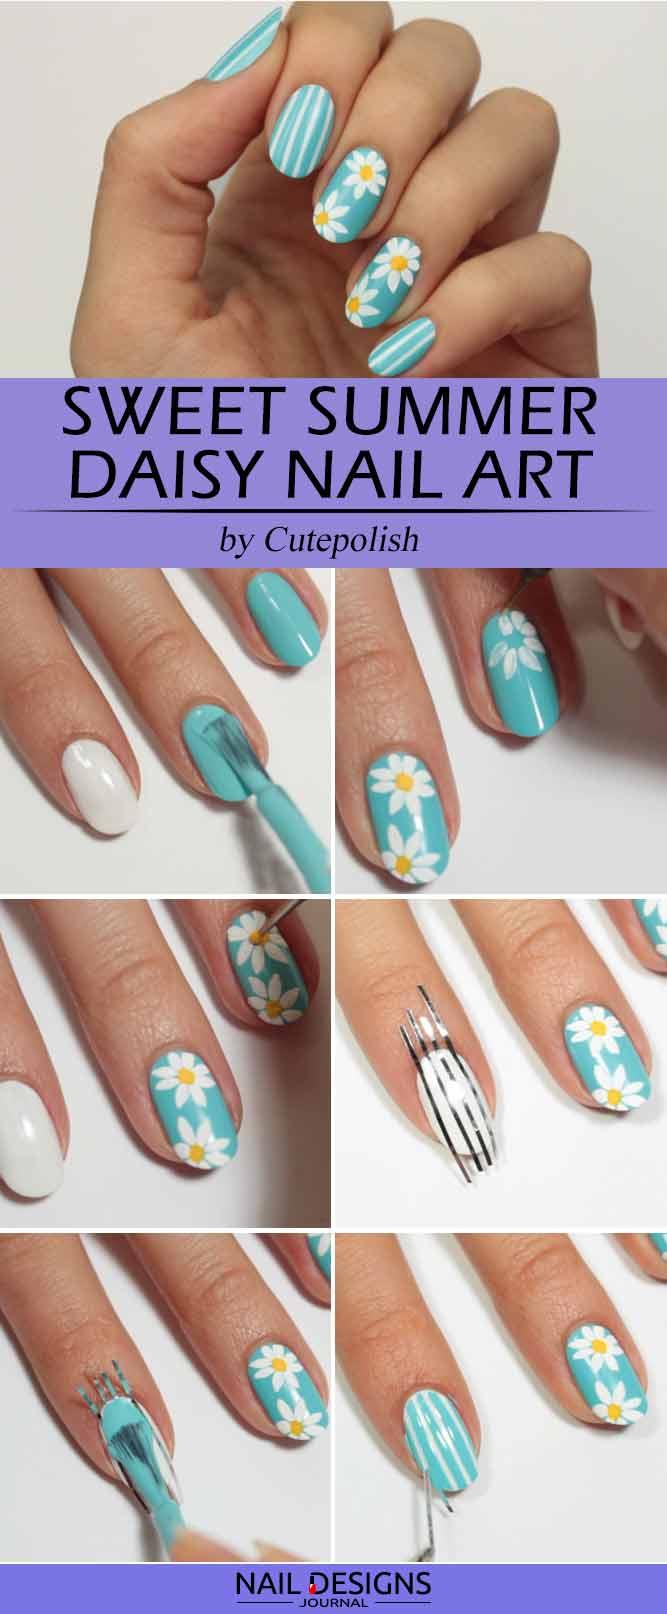 Sweet Summer Daisy Nail Art